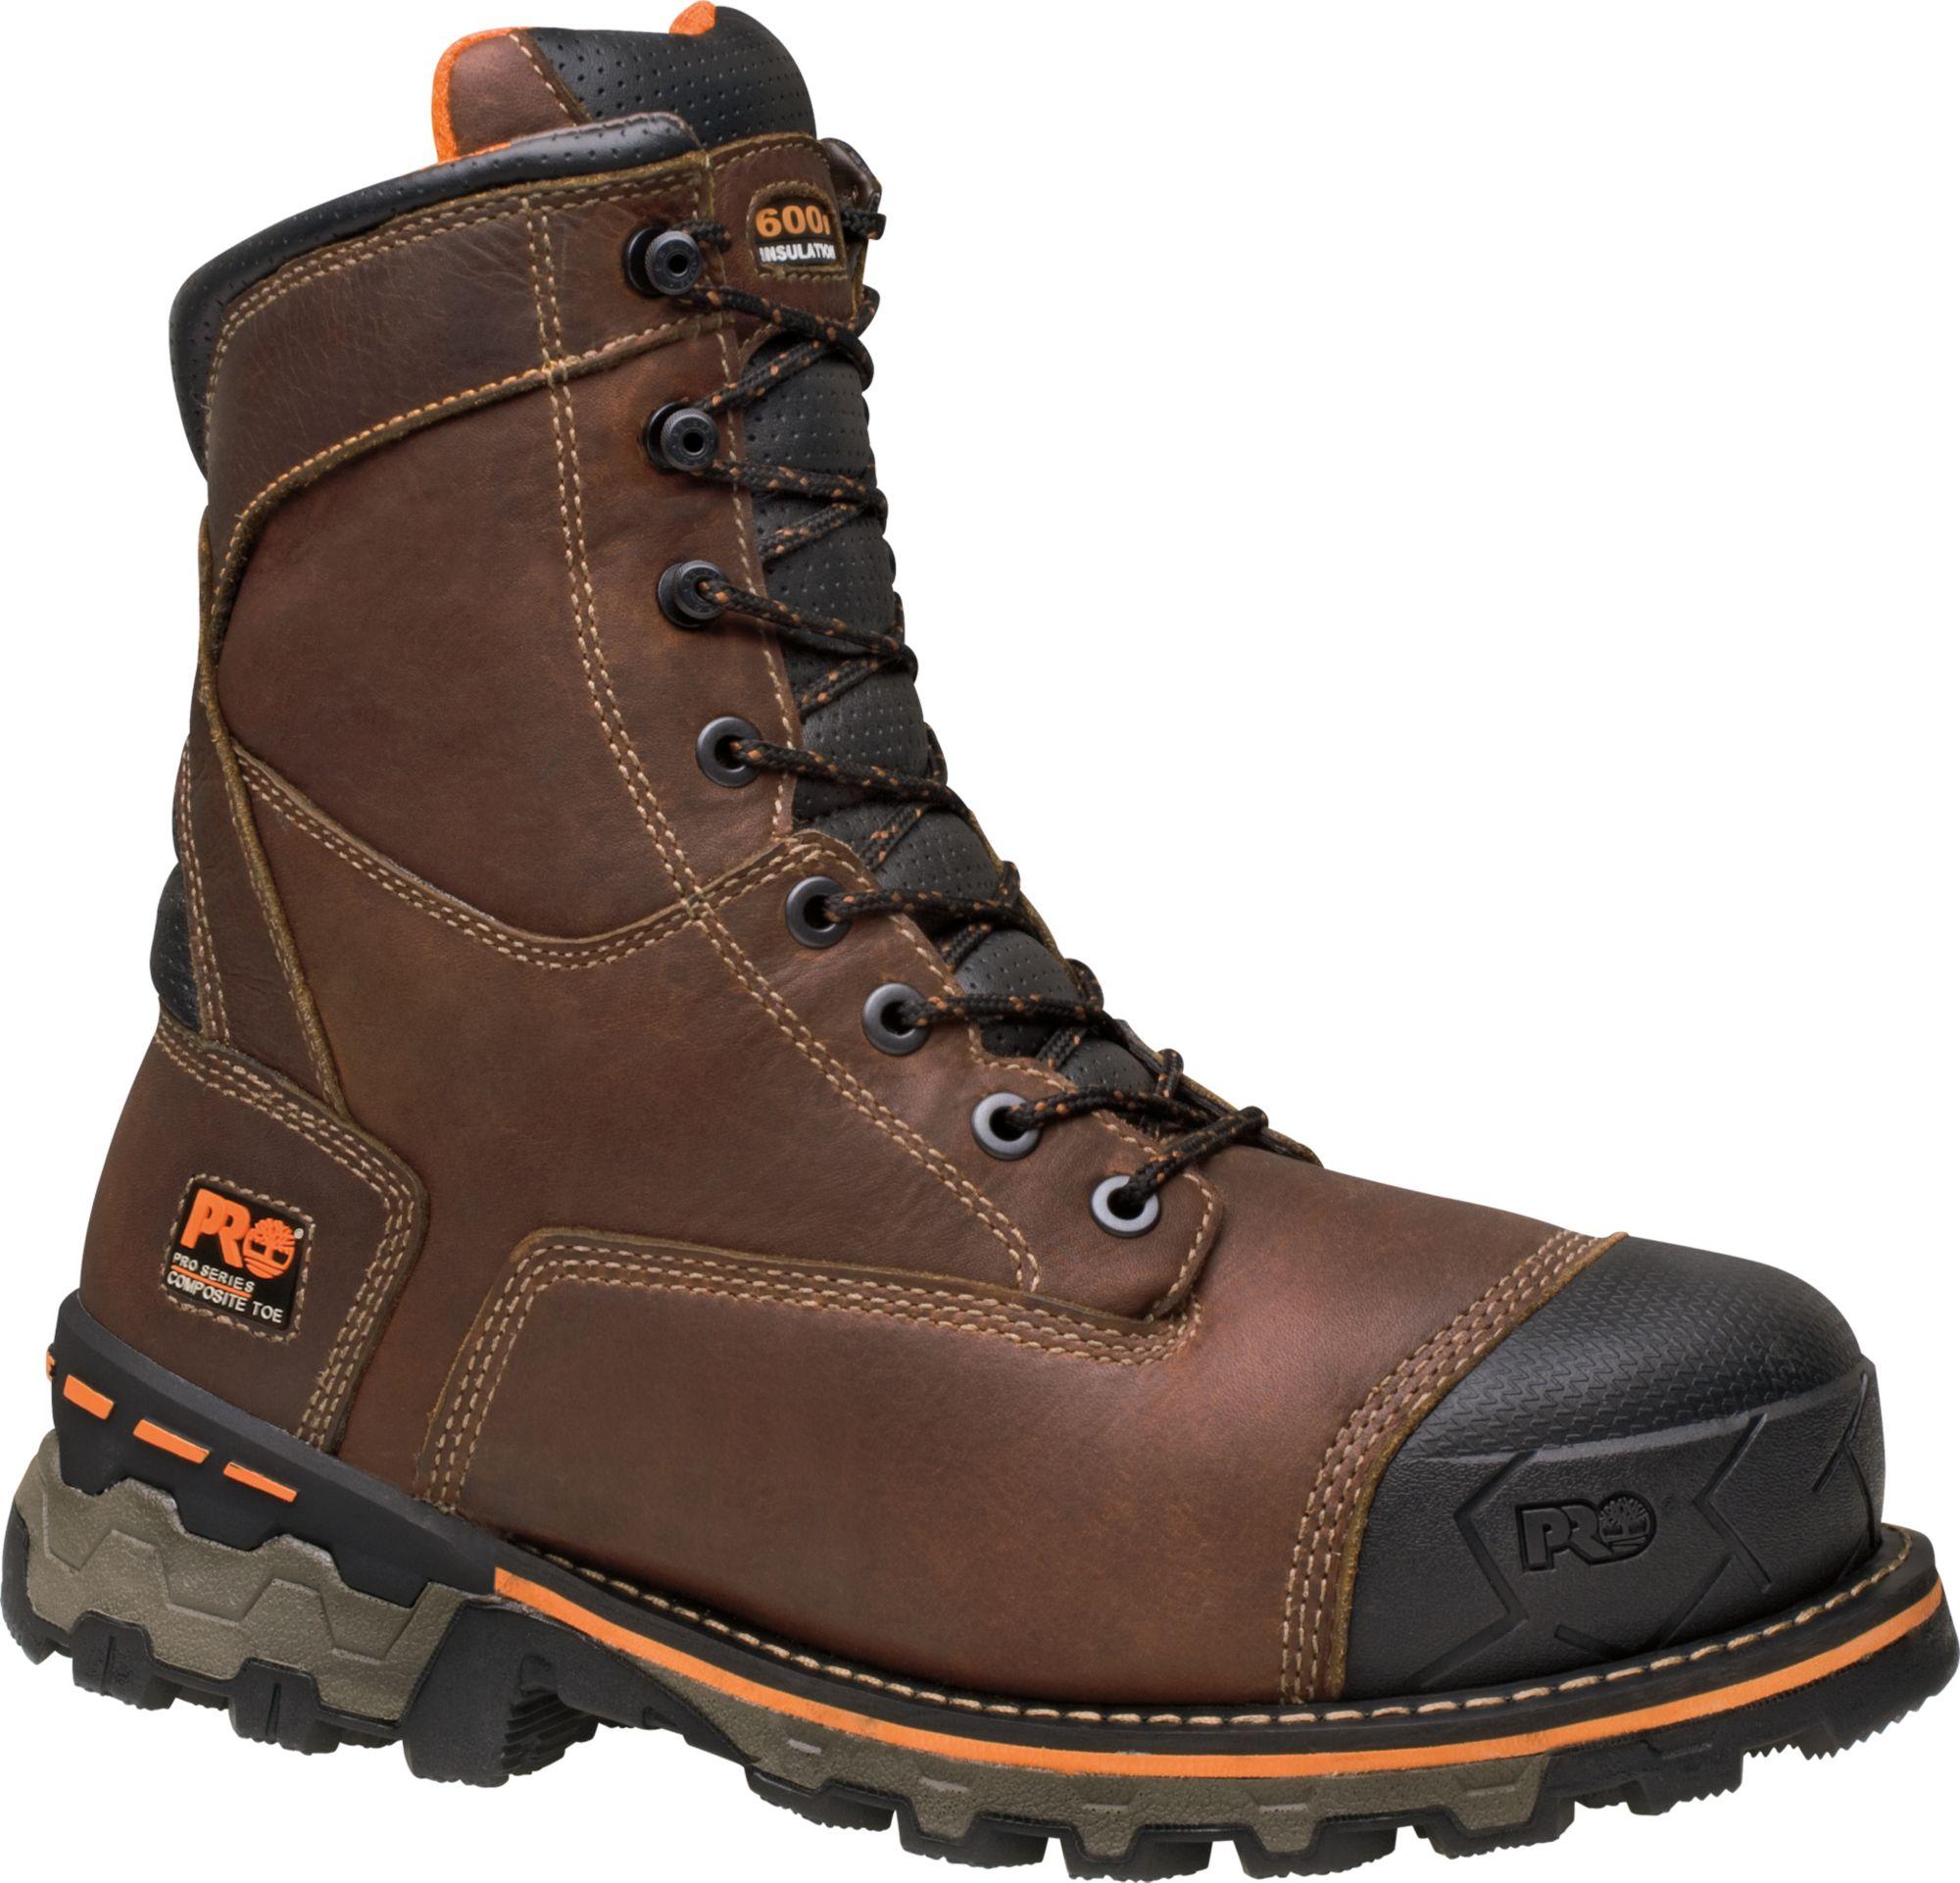 Timberland PRO Men's 8'' Boondock Waterproof 600g Composite Toe Work Boots  | DICK'S Sporting Goods